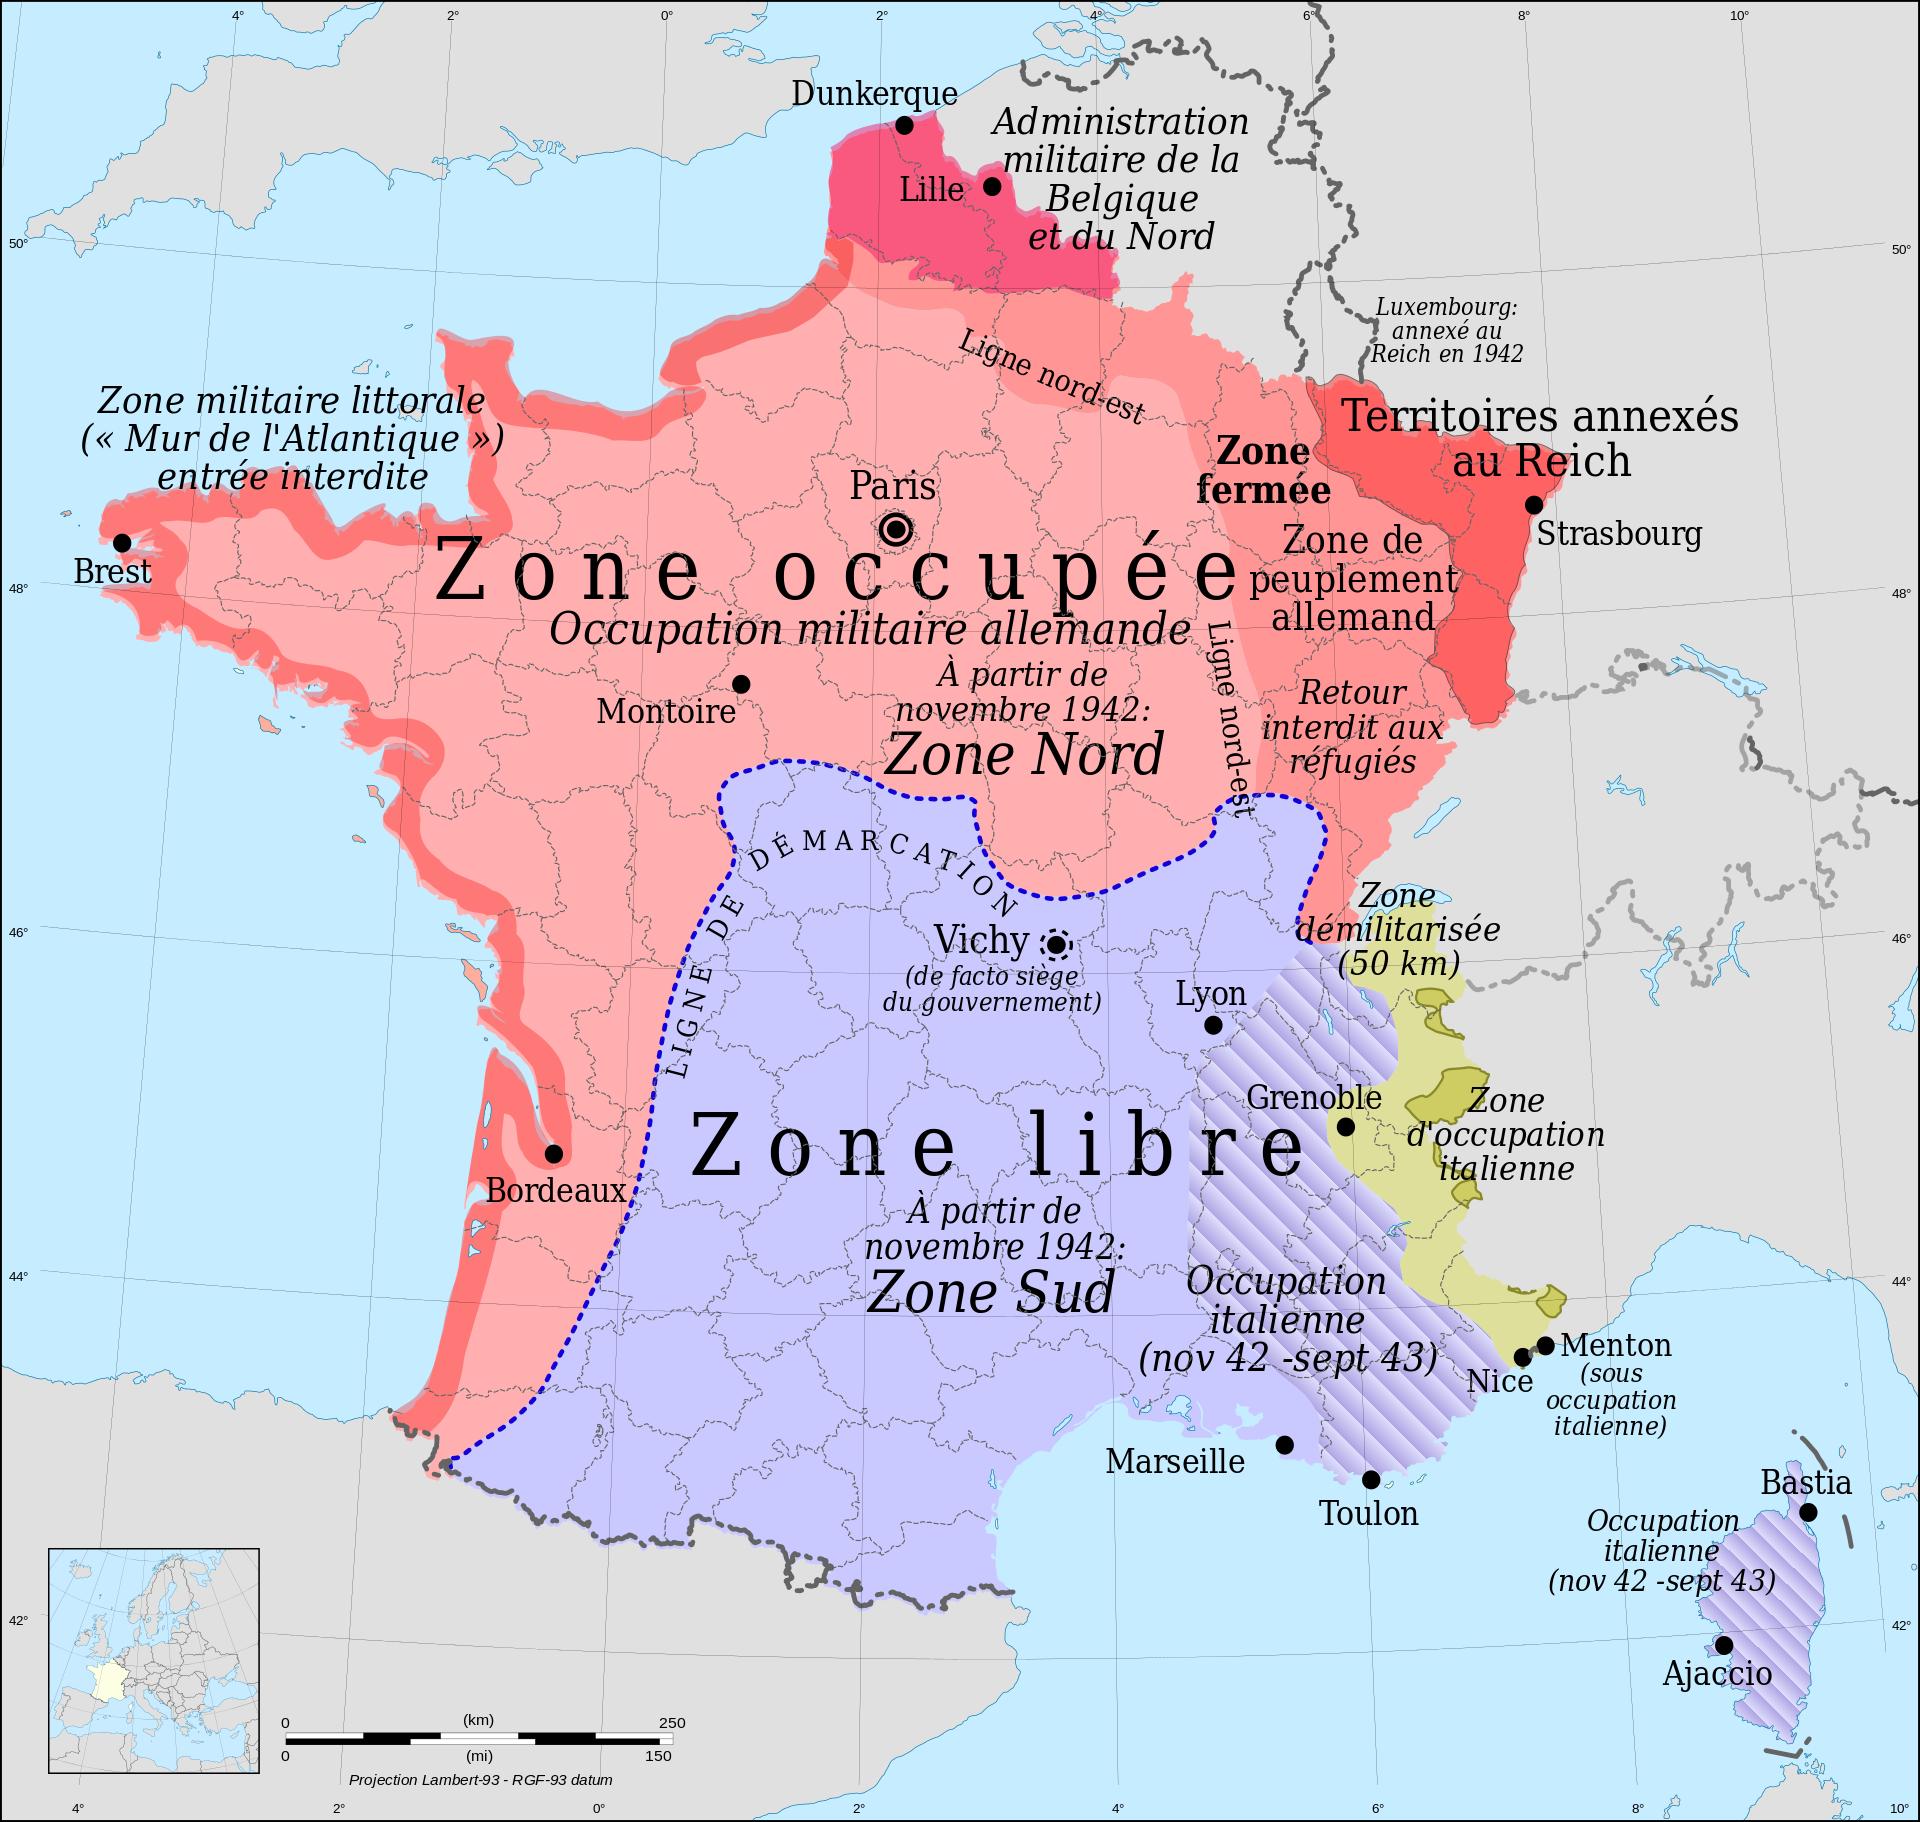 Épinglé sur French History